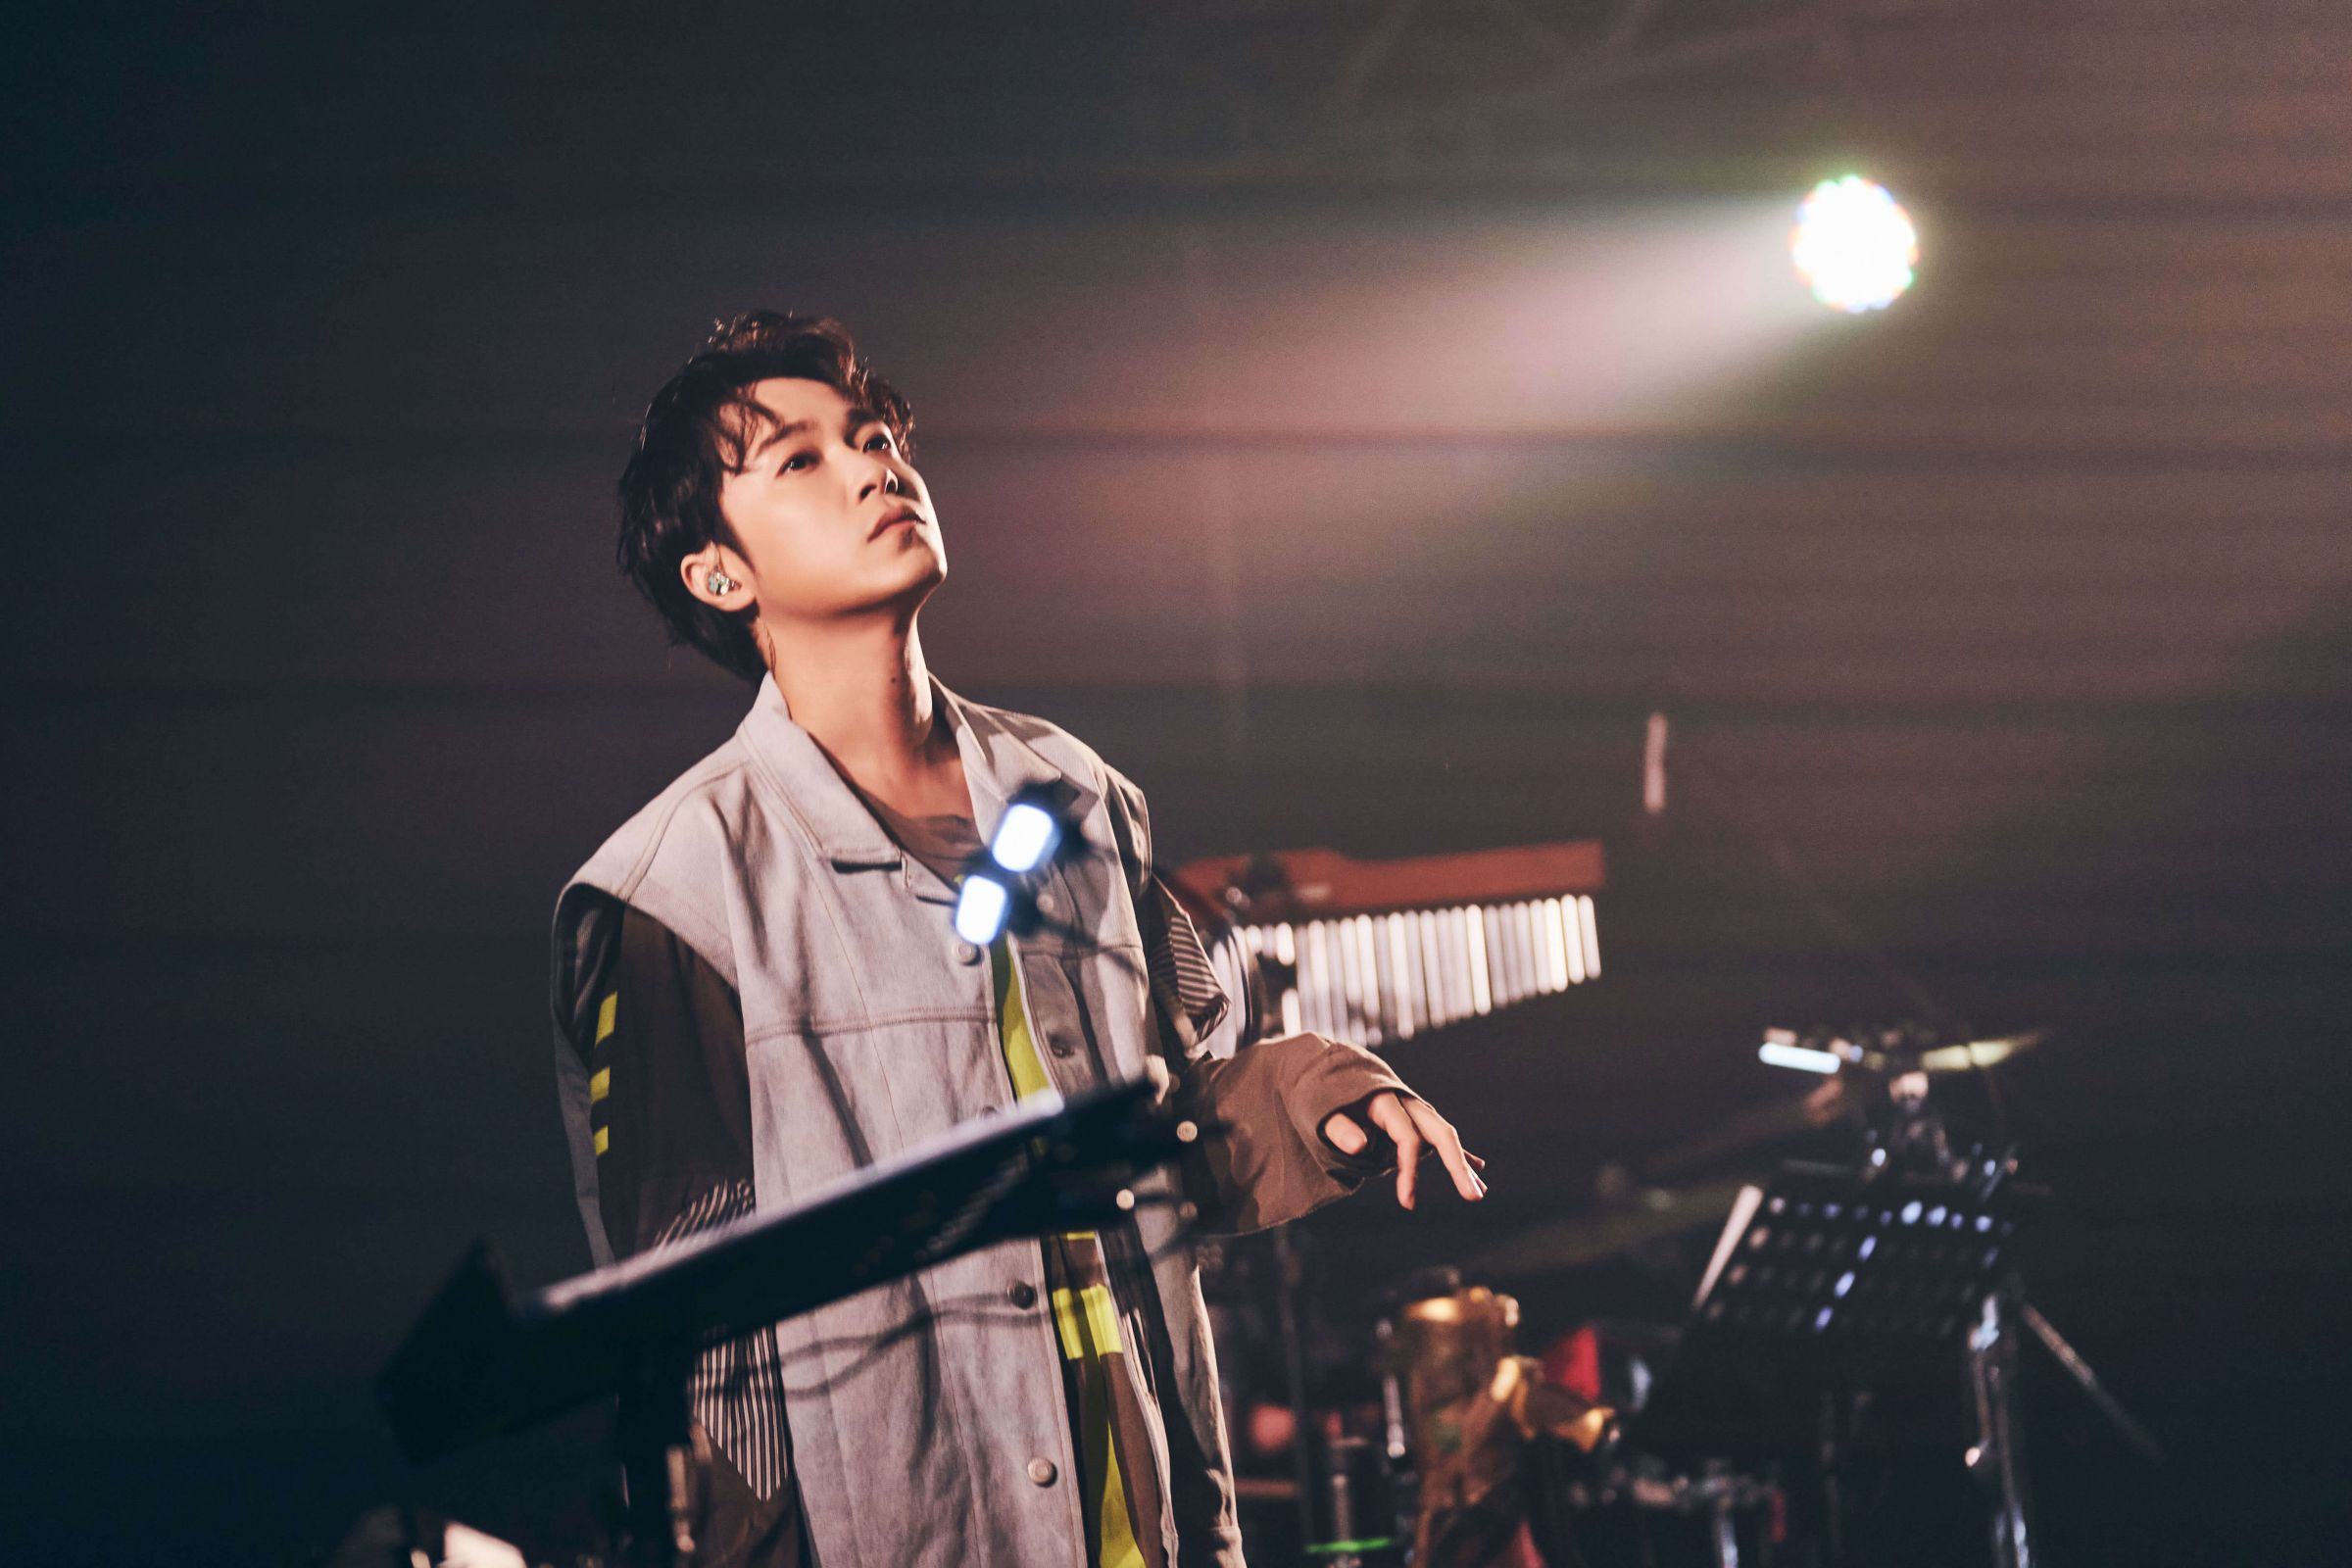 吳青峰演唱會丟震撼彈 11月帶領觀眾「前進雲門劇場」 !